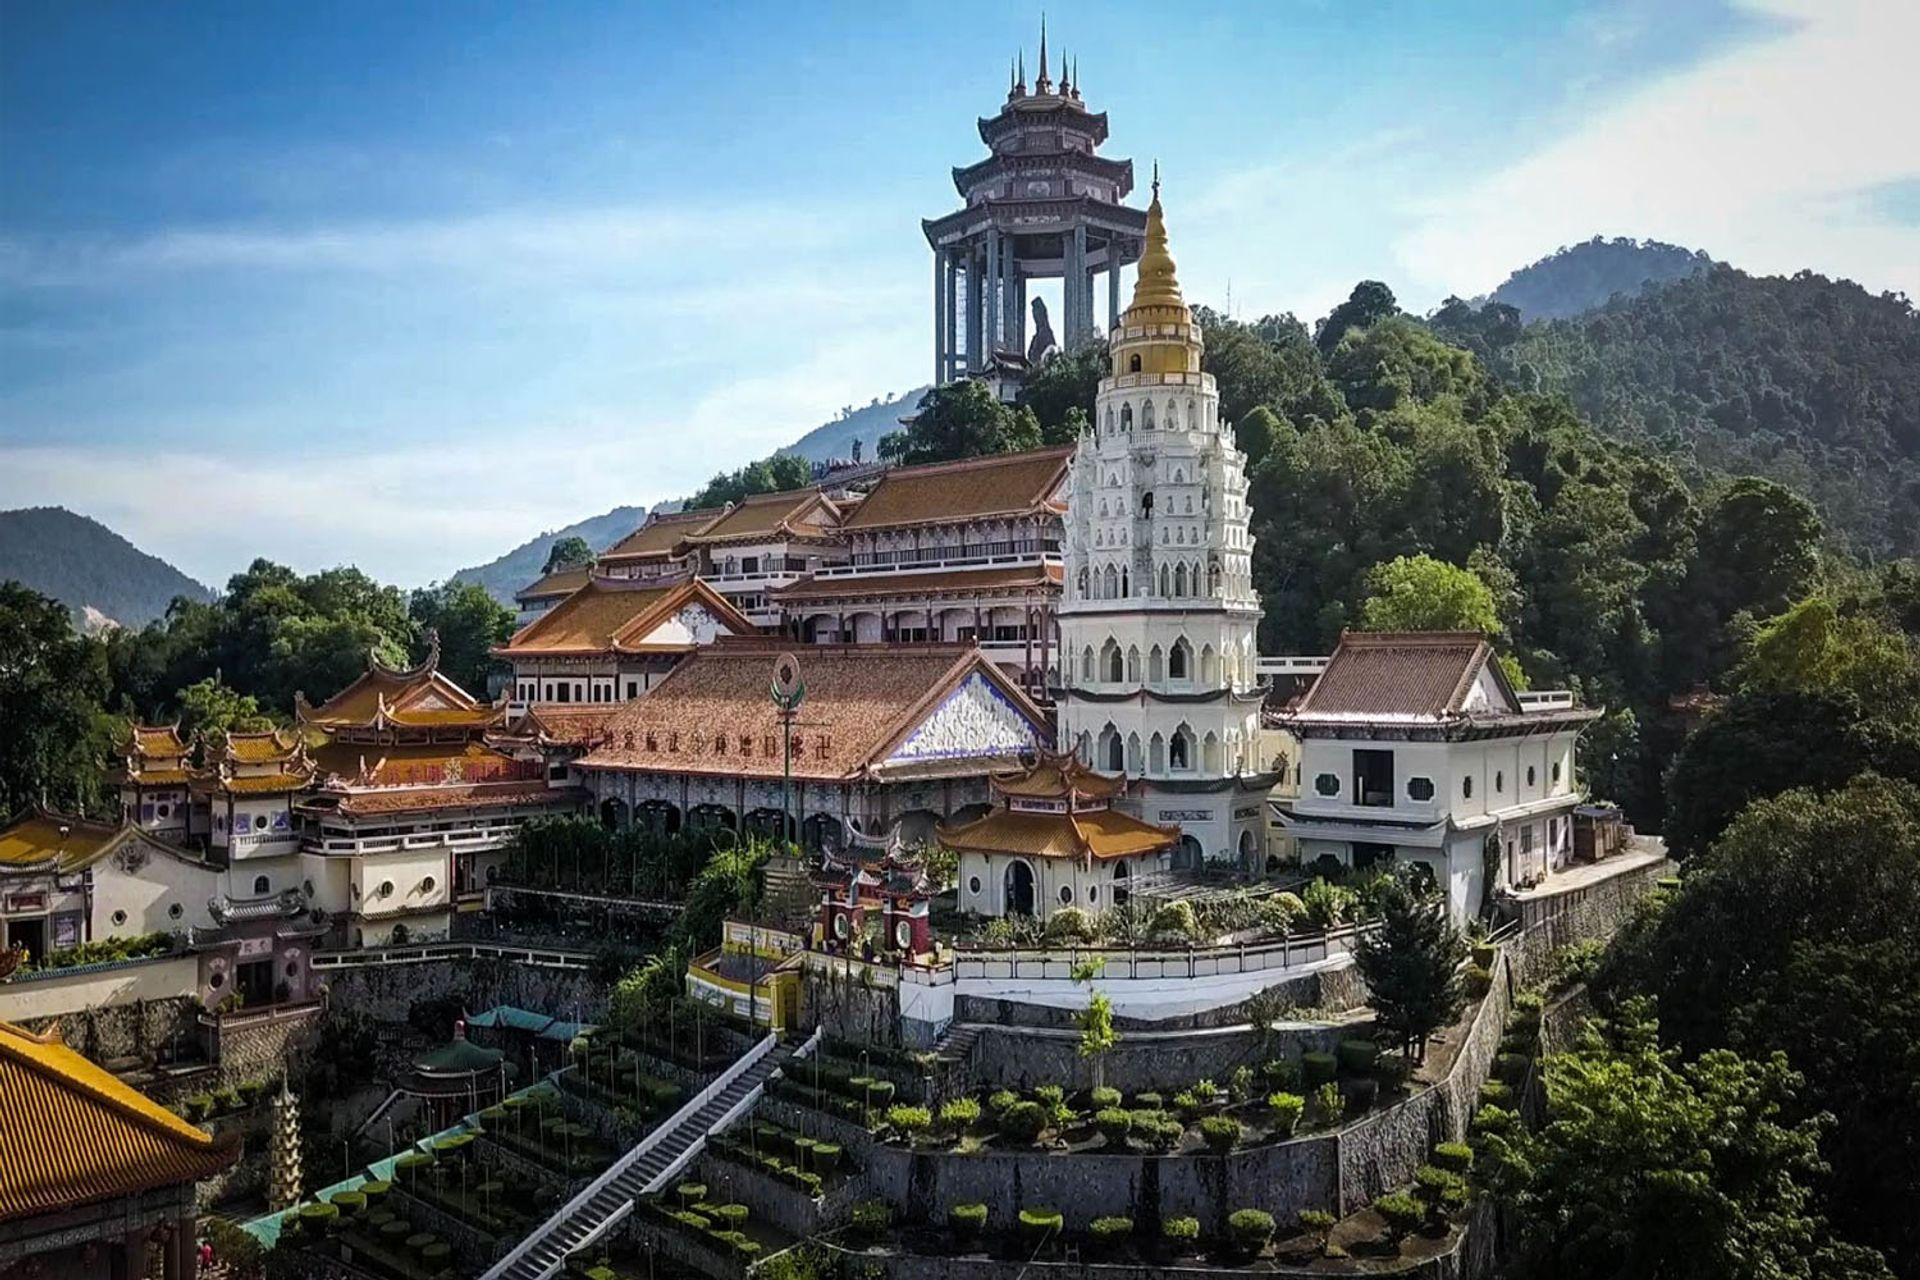 Tham quan chùa Kek Lok Si nổi tiếng và Vườn Quốc gia Penang